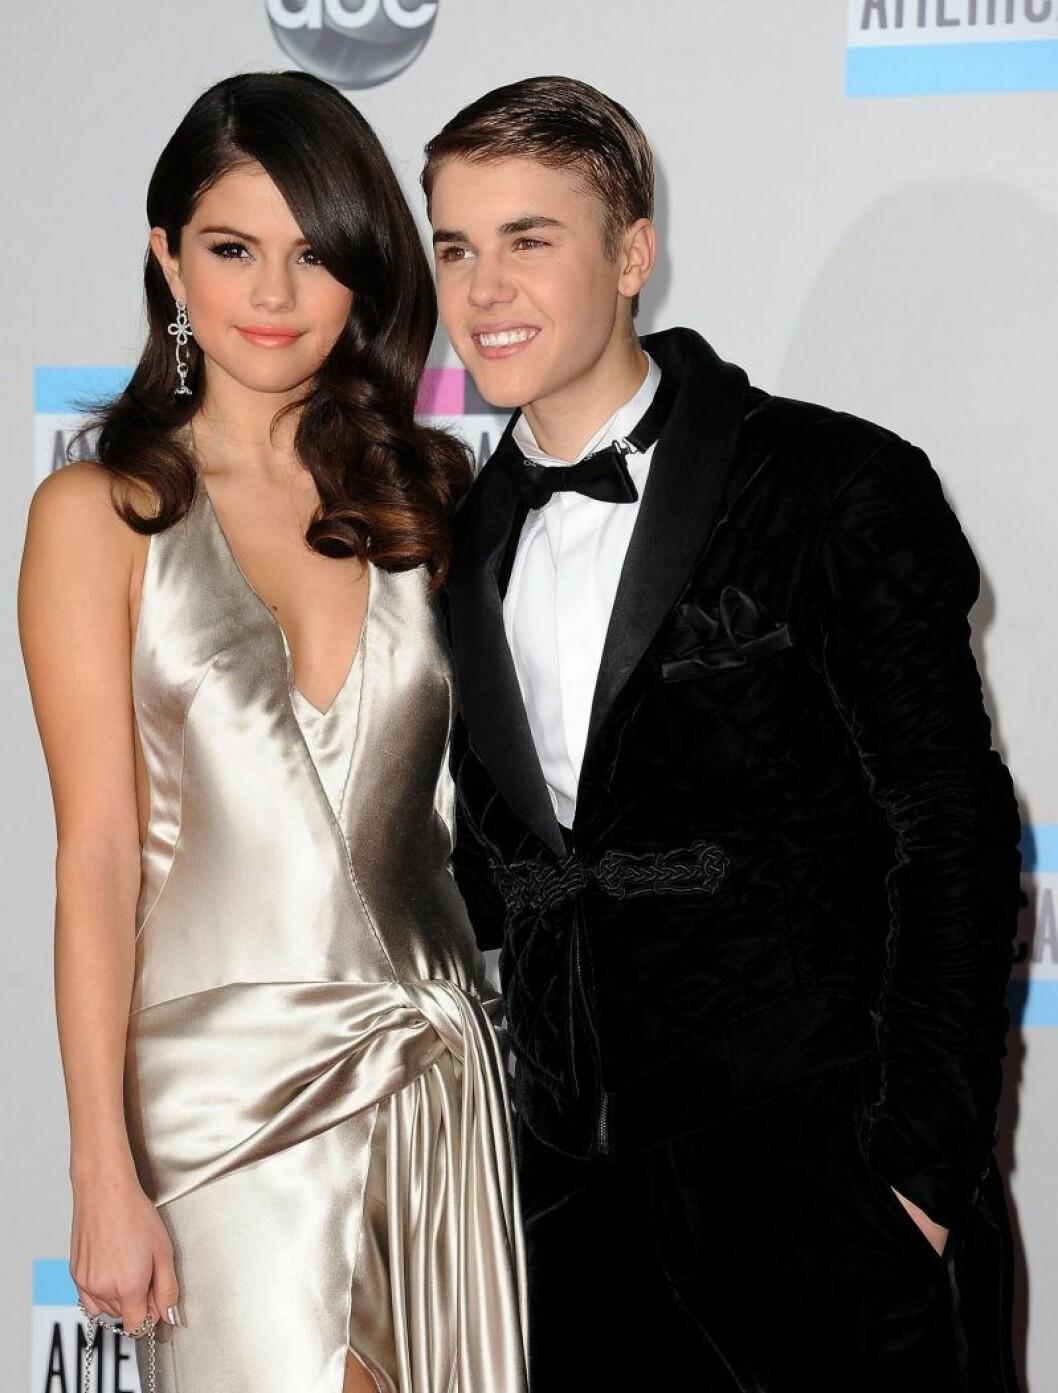 Justin Bieber i svart kostym och Selena Gomez i guldig klänning